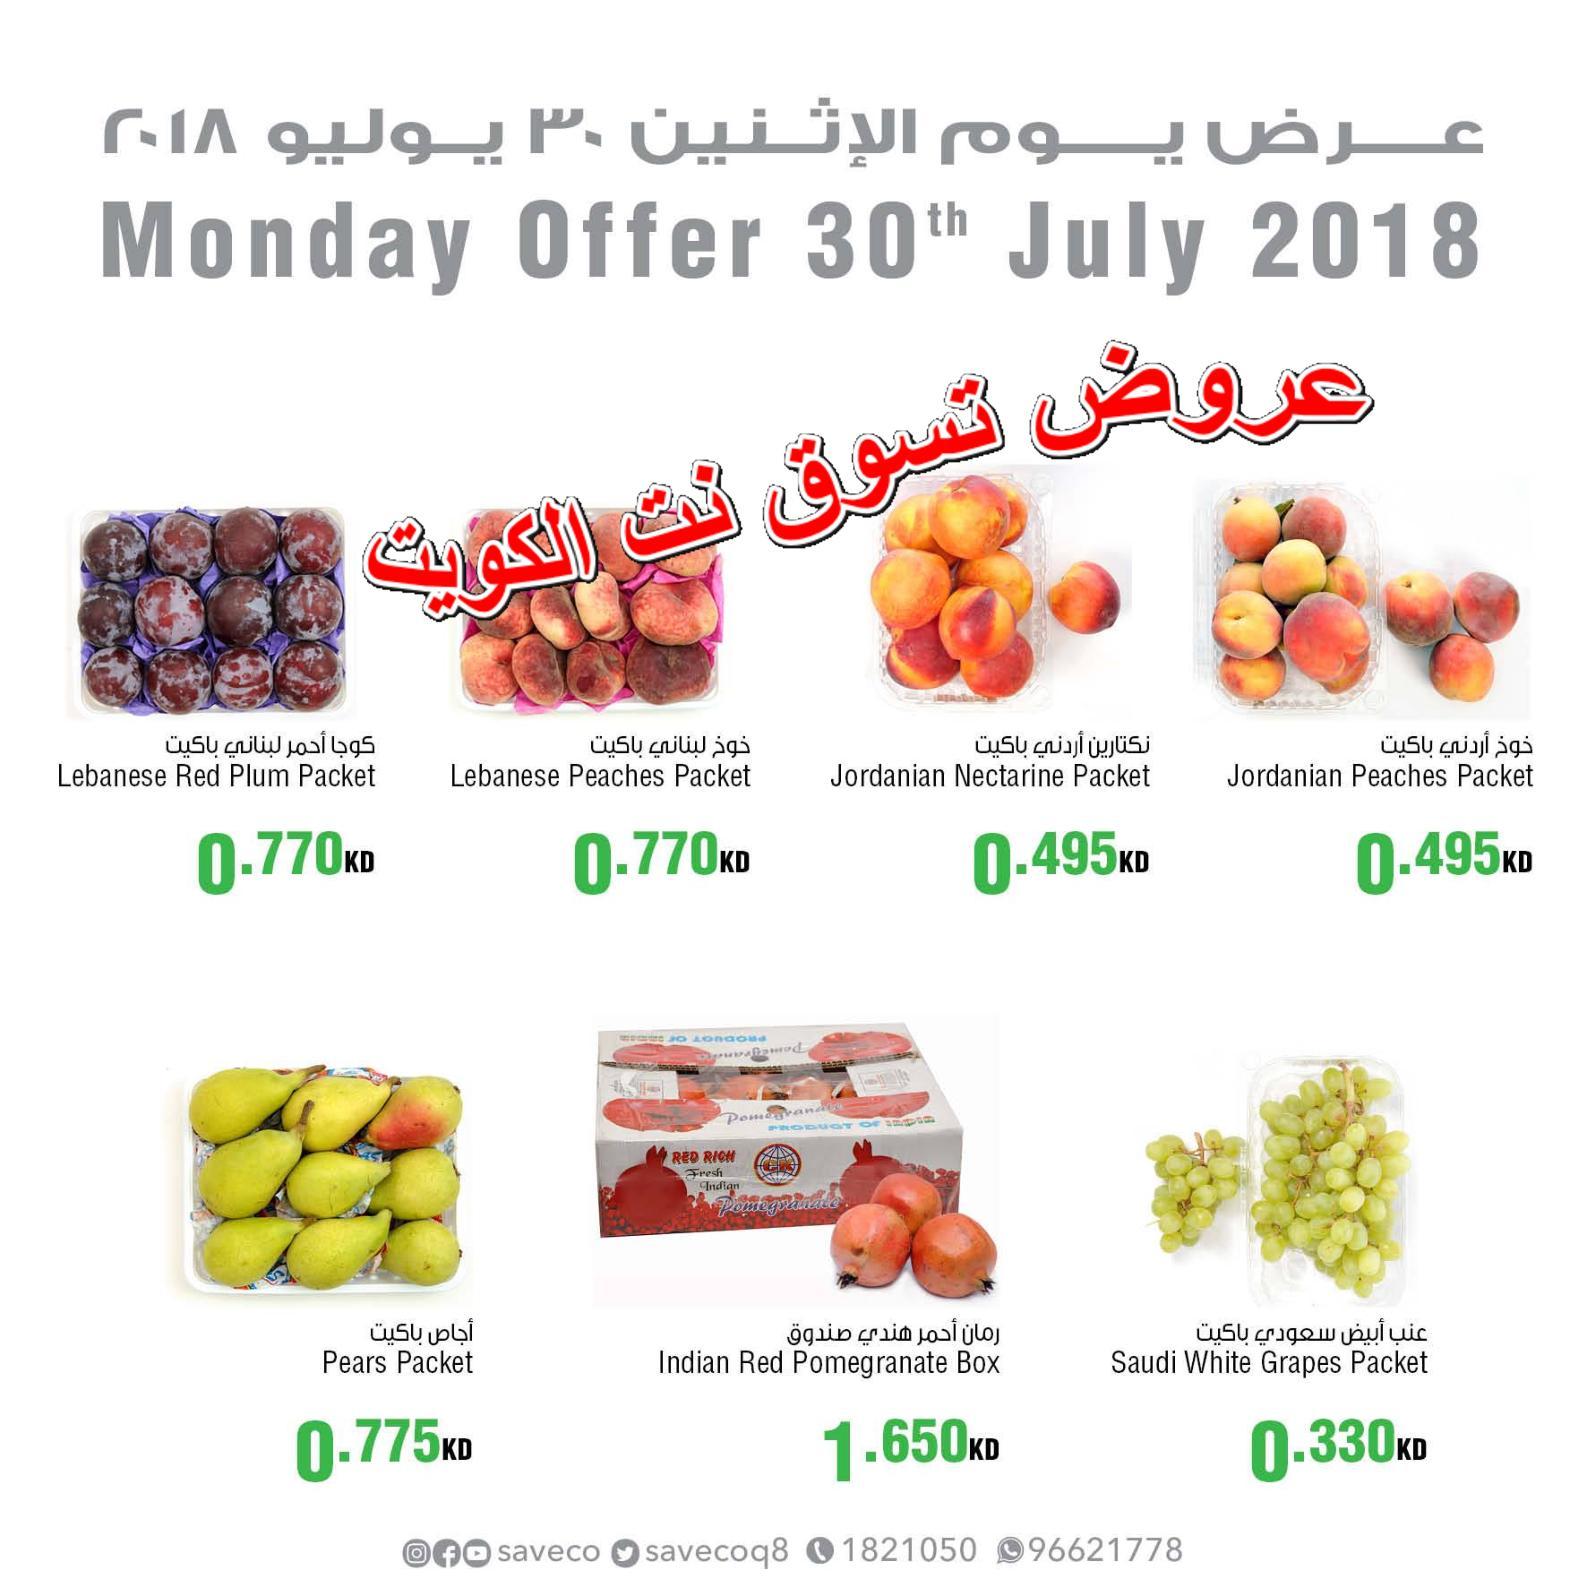 Calaméo - Tsawq Net Saveco Al Rai Kuwait 30 7 2018